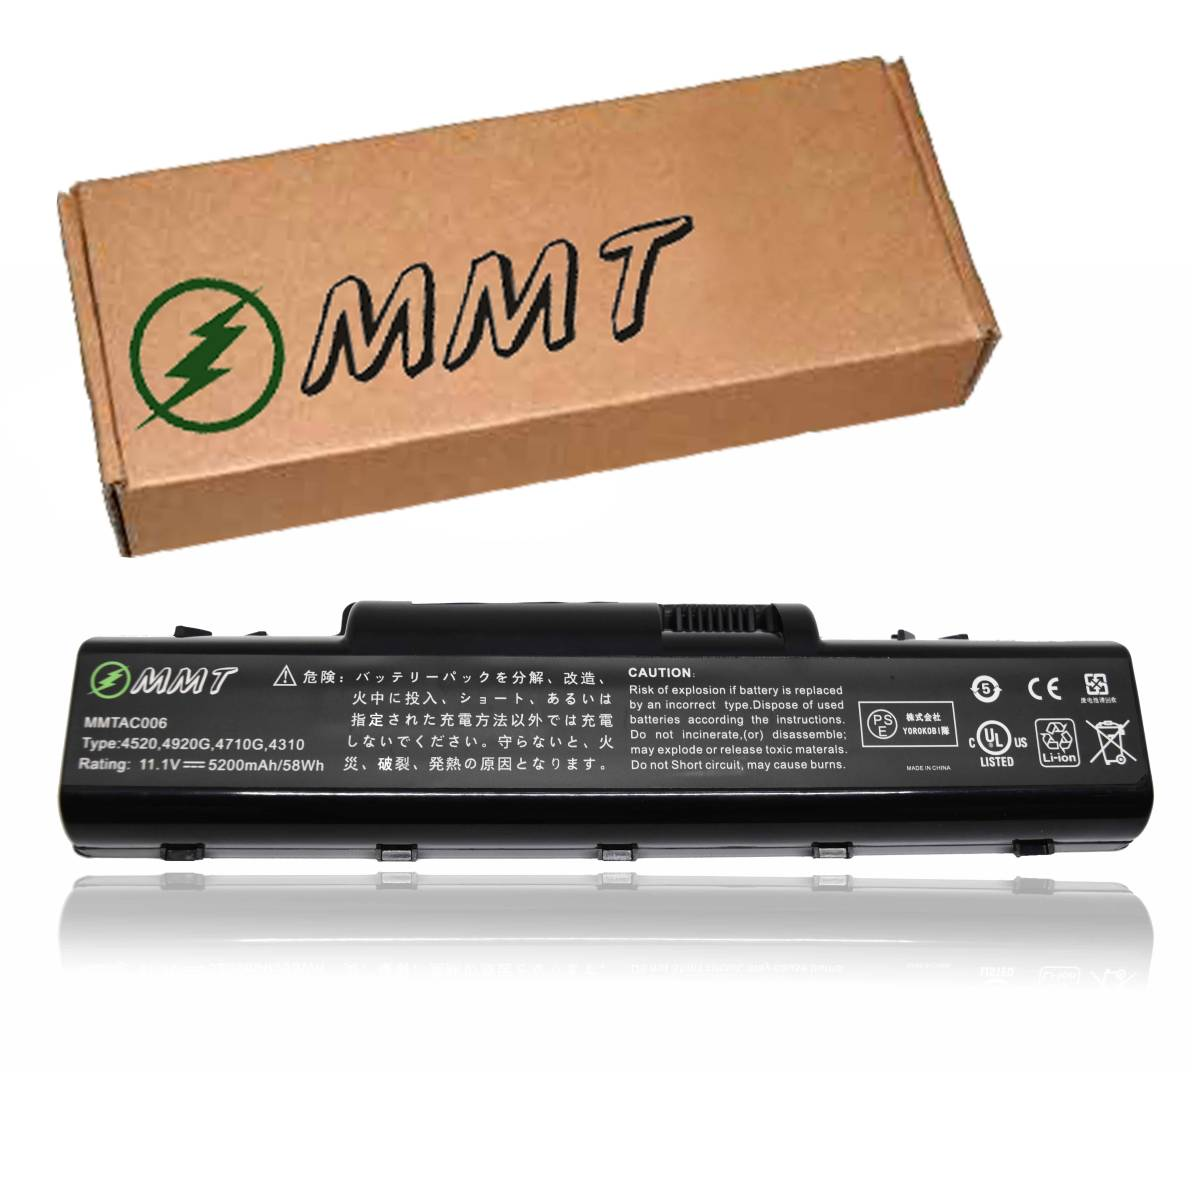 エイサー 新品 Acer AS07A31 AS07A32 AS07A41 AS07A42 AS07A51 互換バッテリー PSE認定済 保険加入済